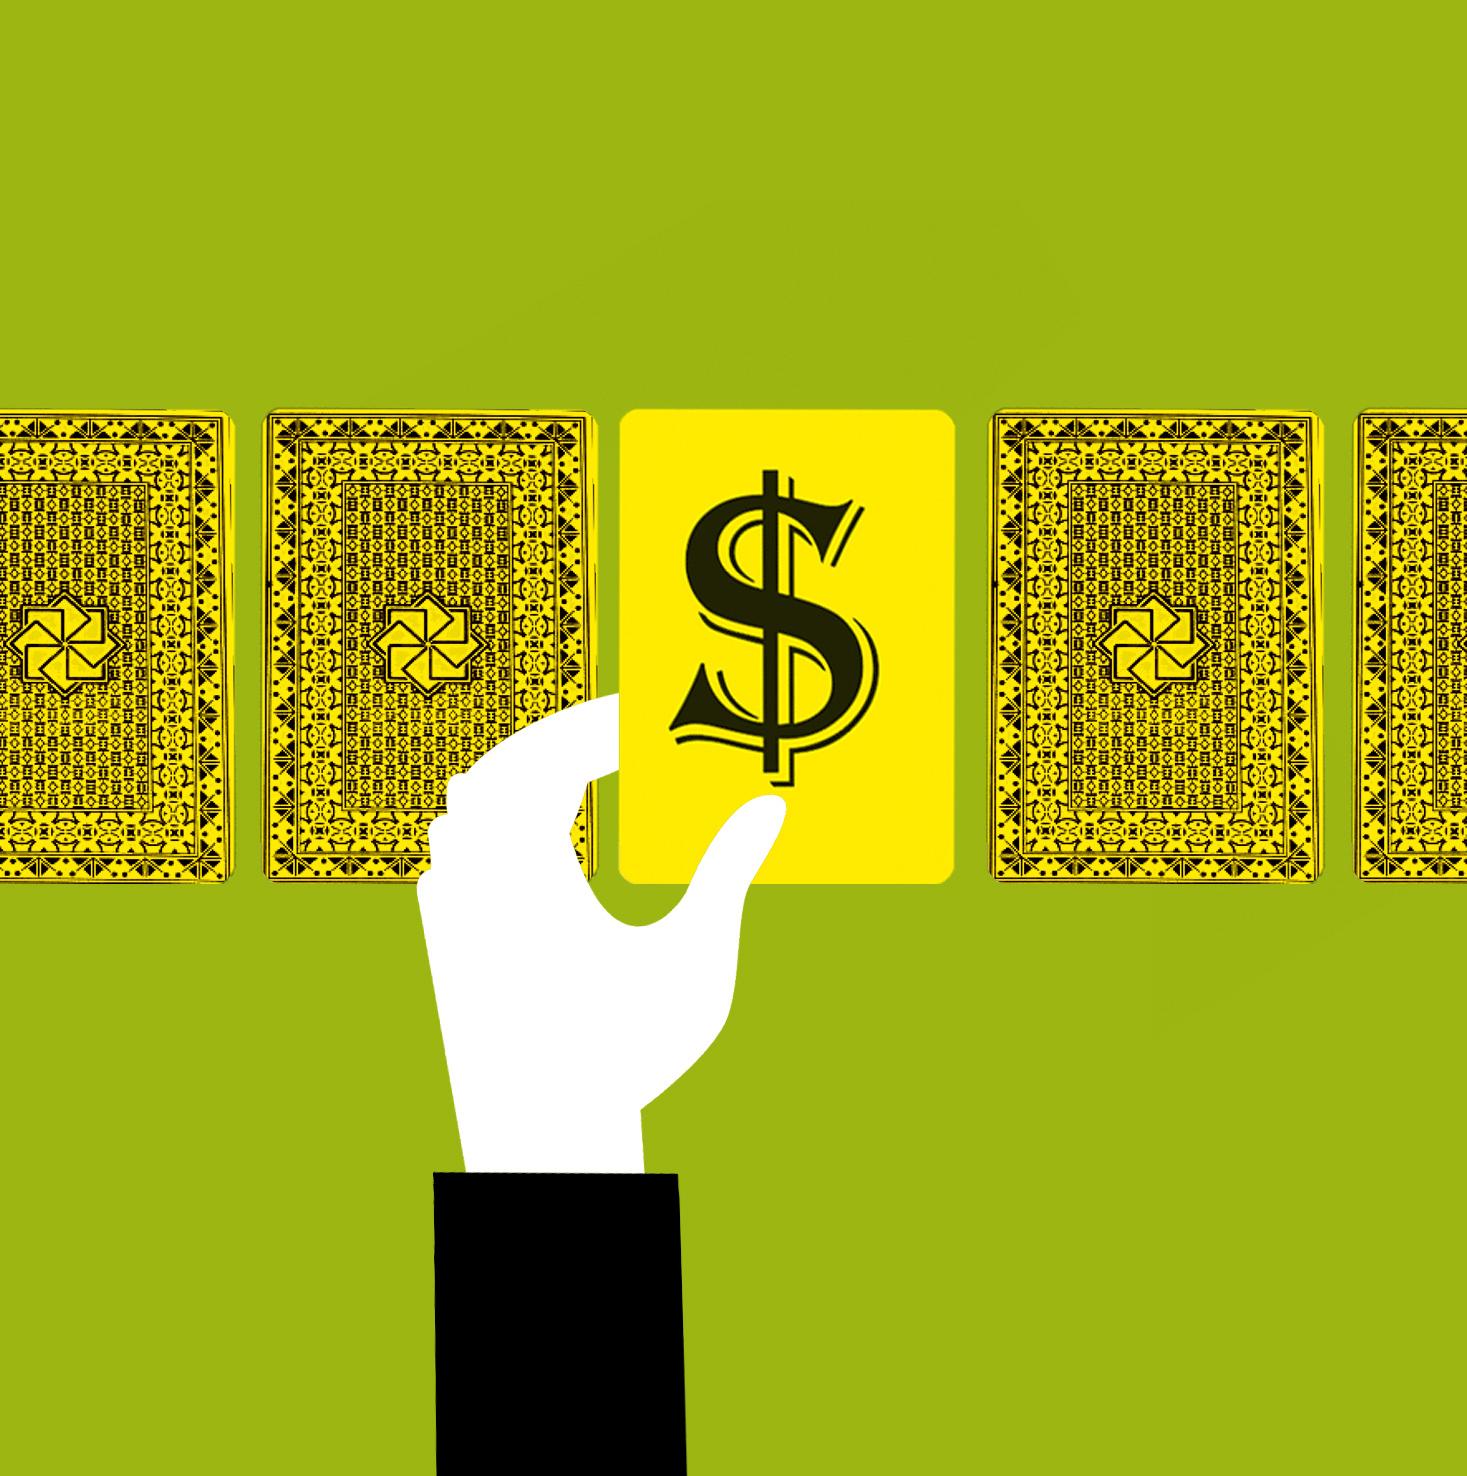 86% De Las Firmas En Chile Tiene Sistemas De Incentivos A La Alta Gerencia